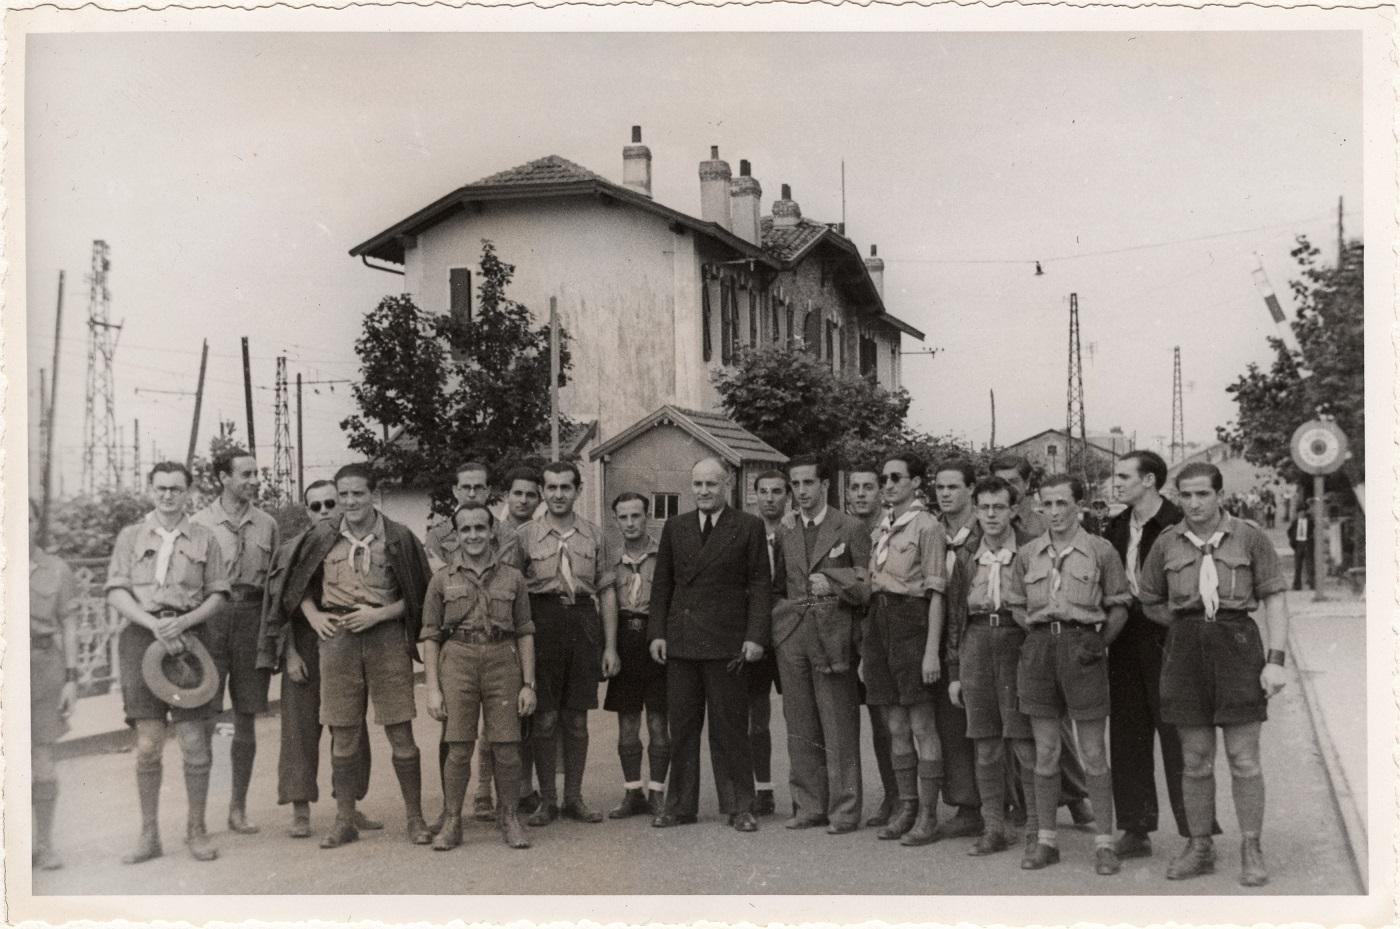 Guerre civile d'Espagne 1936-1939. Rapatriement de scouts.